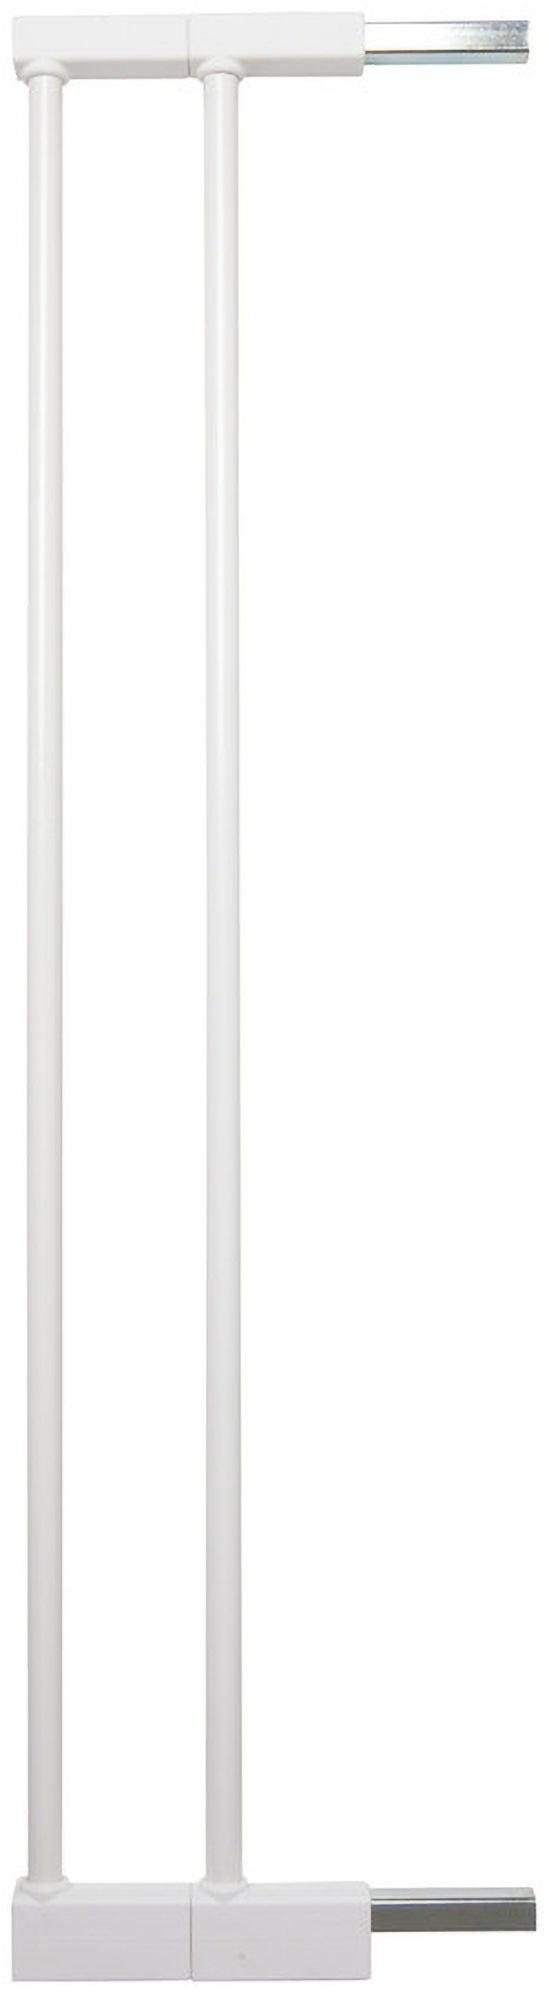 BabyDan Extend-A-Gate Turvaportin Jatkopalat 2 x 7cm, Valkoinen